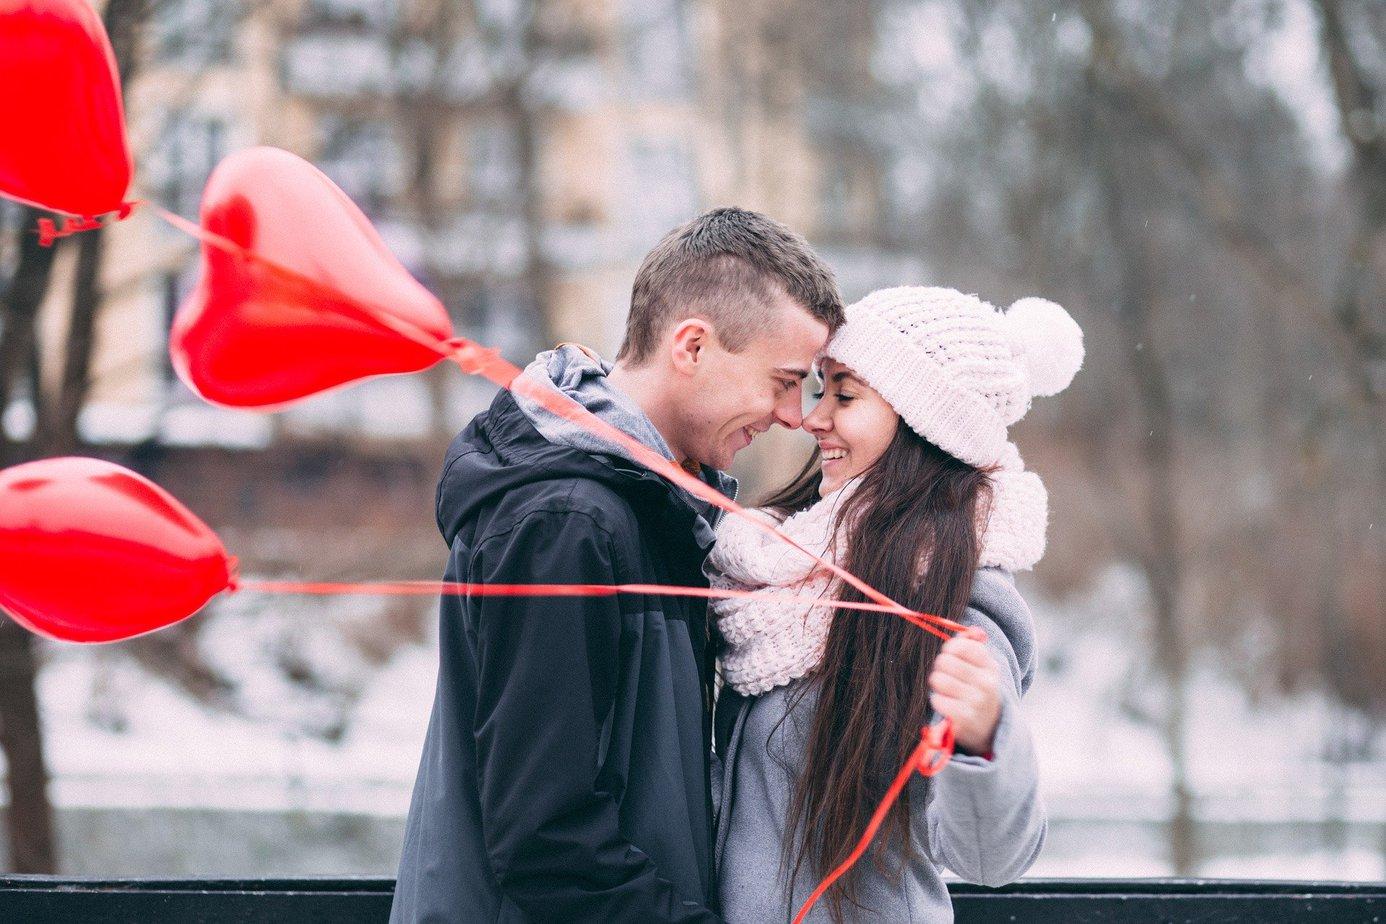 Mann verliebter verhalten heimlich Heimlich verliebt: